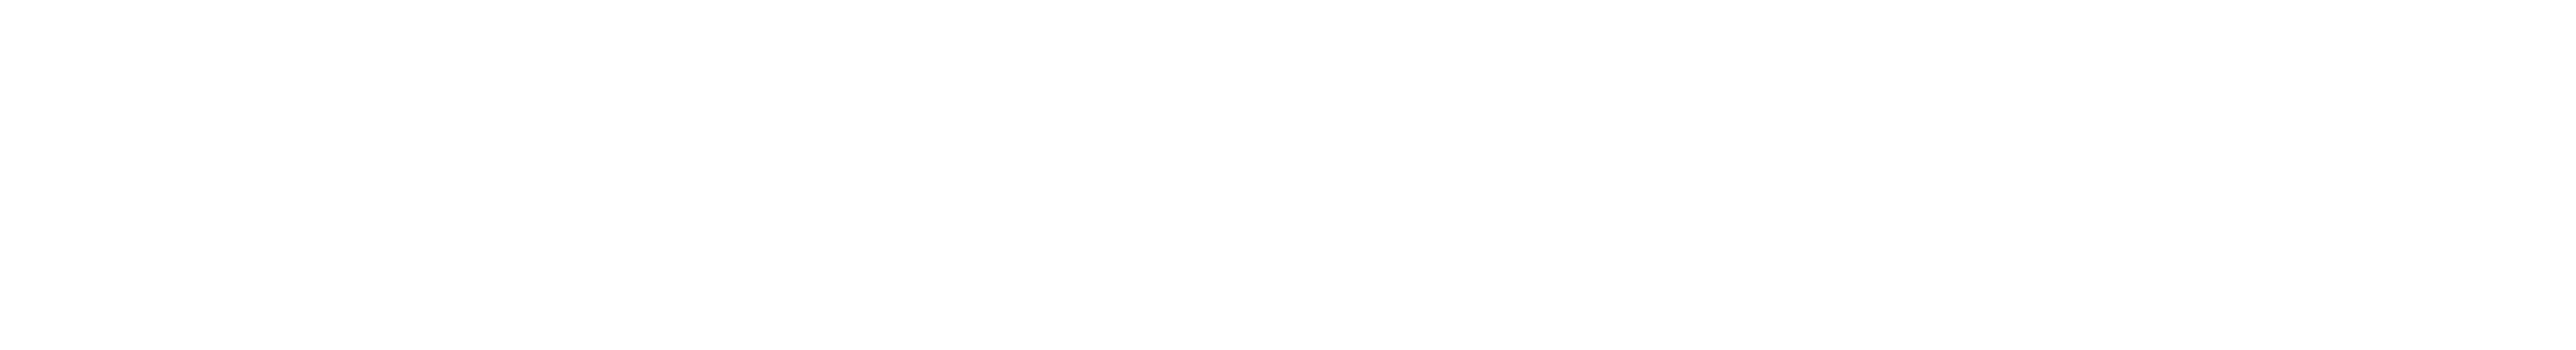 Naamloos-1